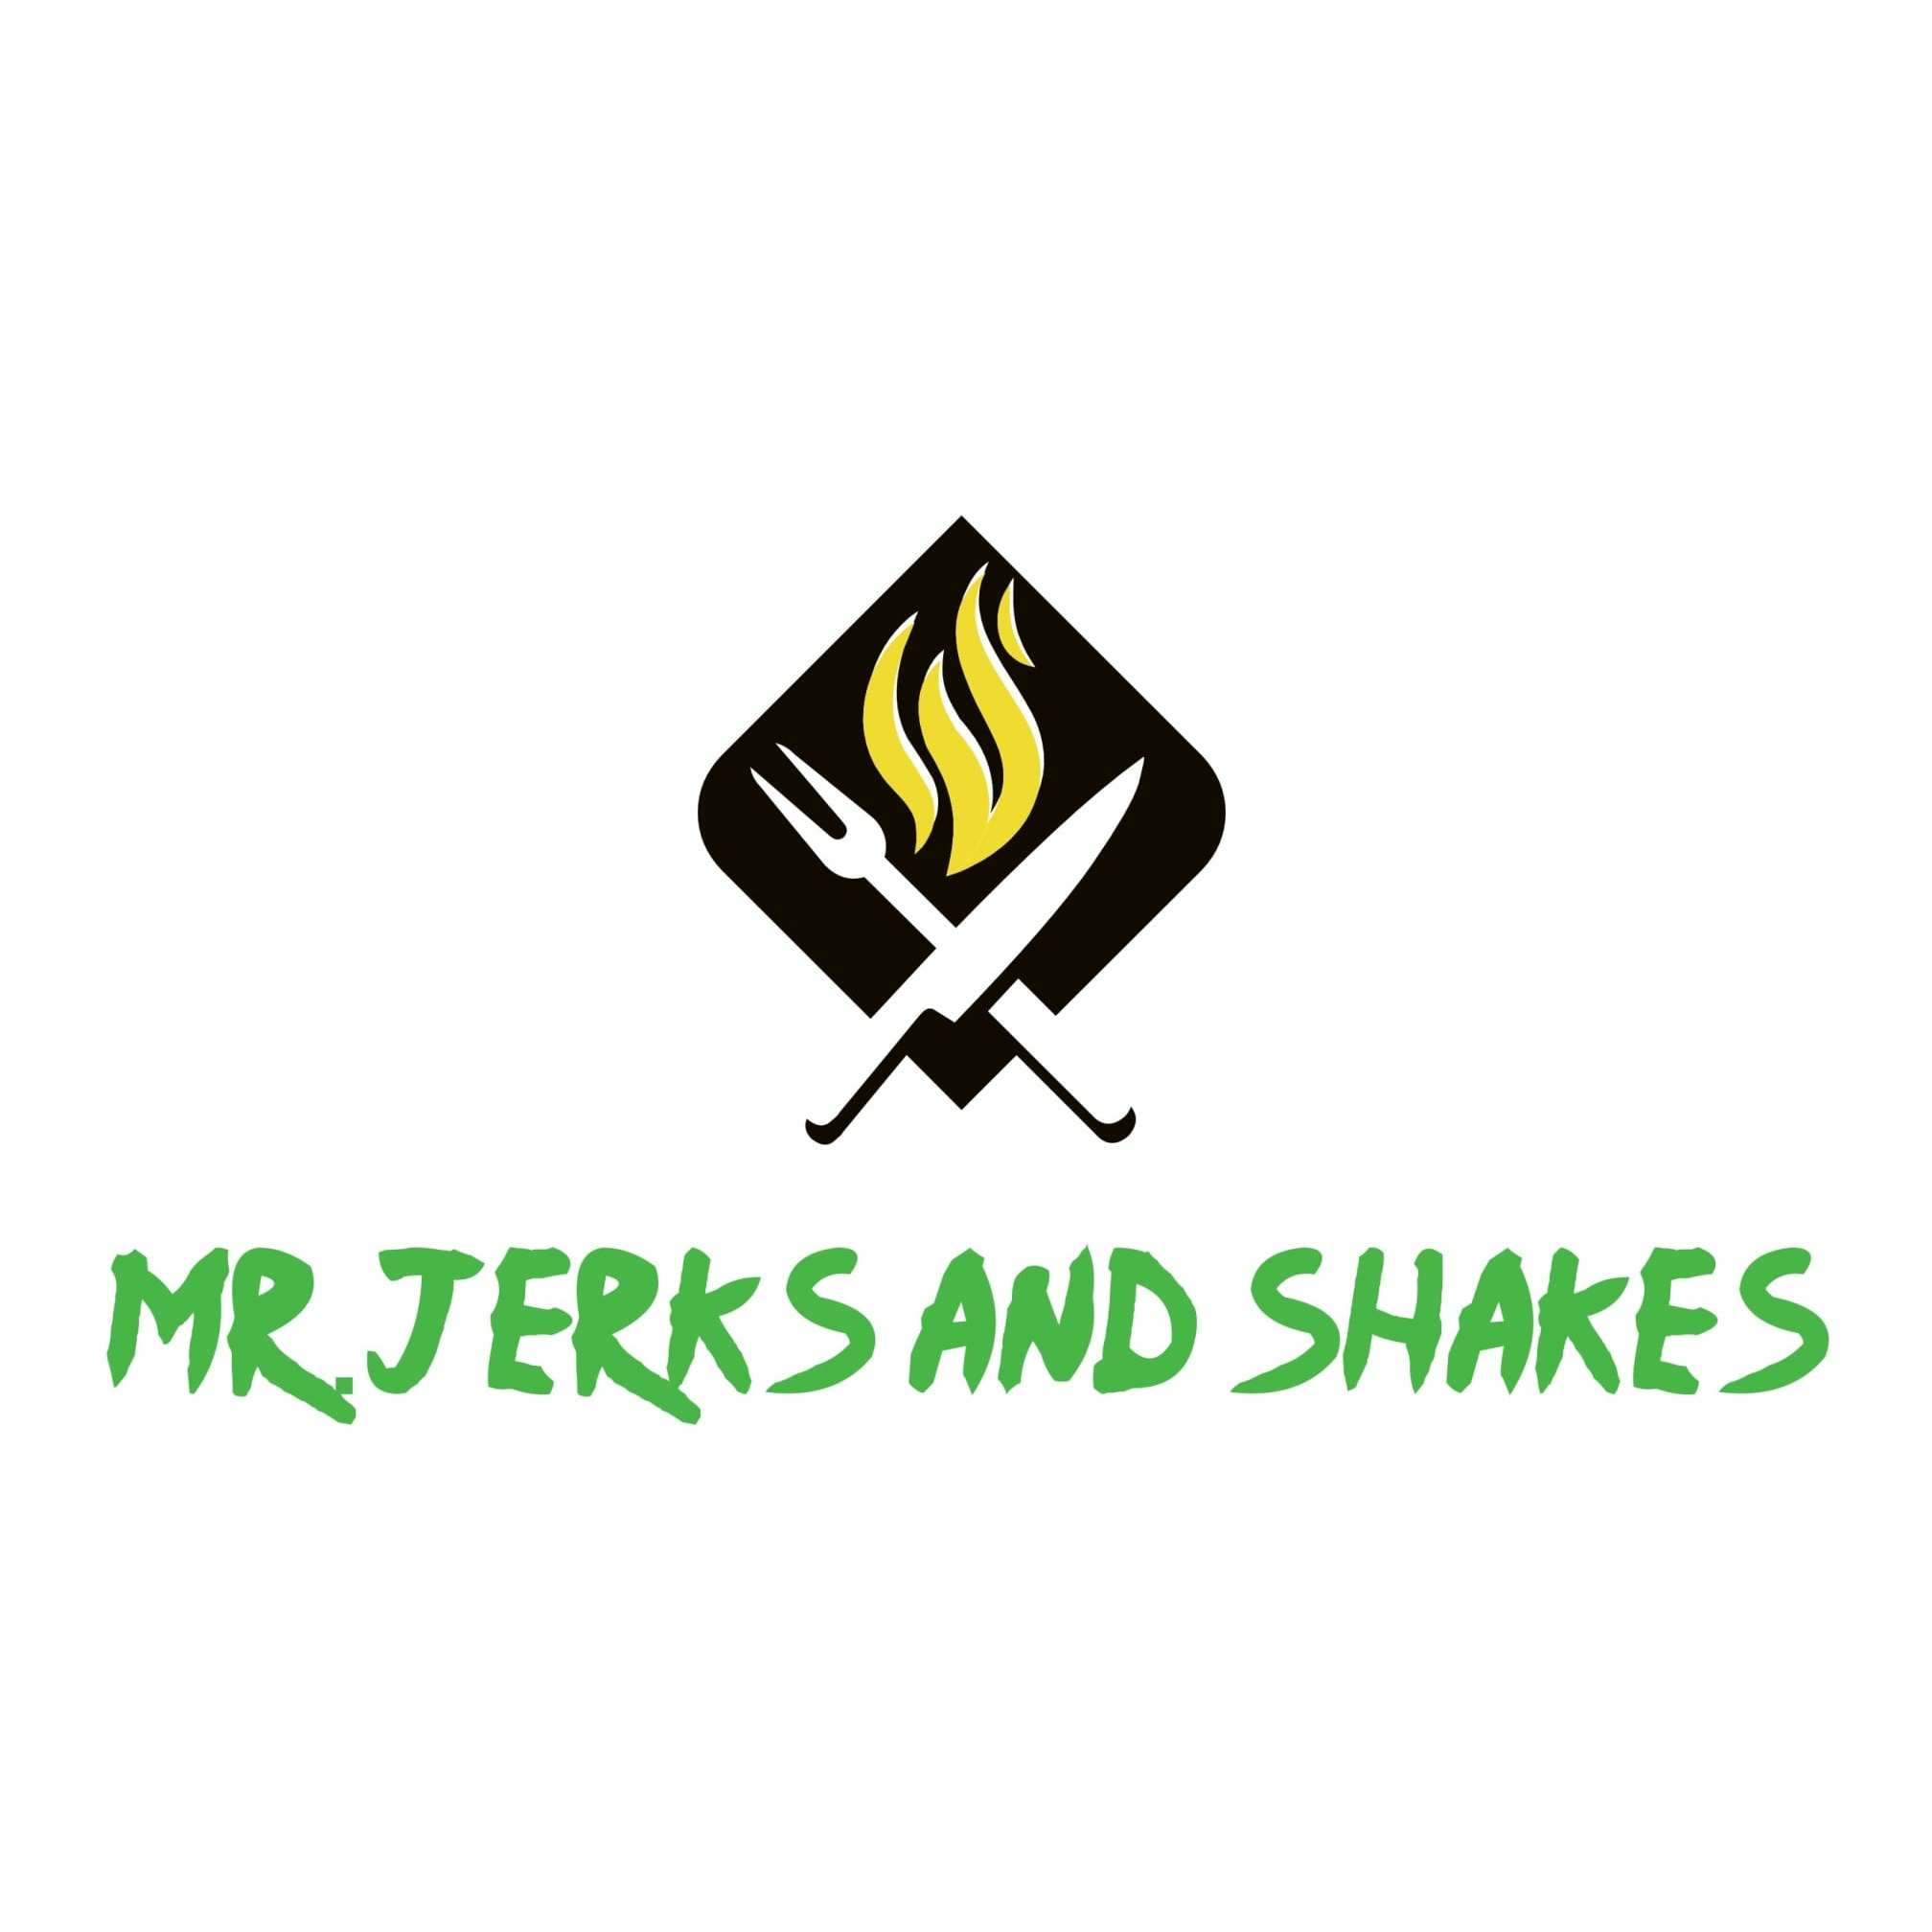 Mr.Jerks & Shakes Ltd - London, London SE5 8UH - 07377 620389 | ShowMeLocal.com